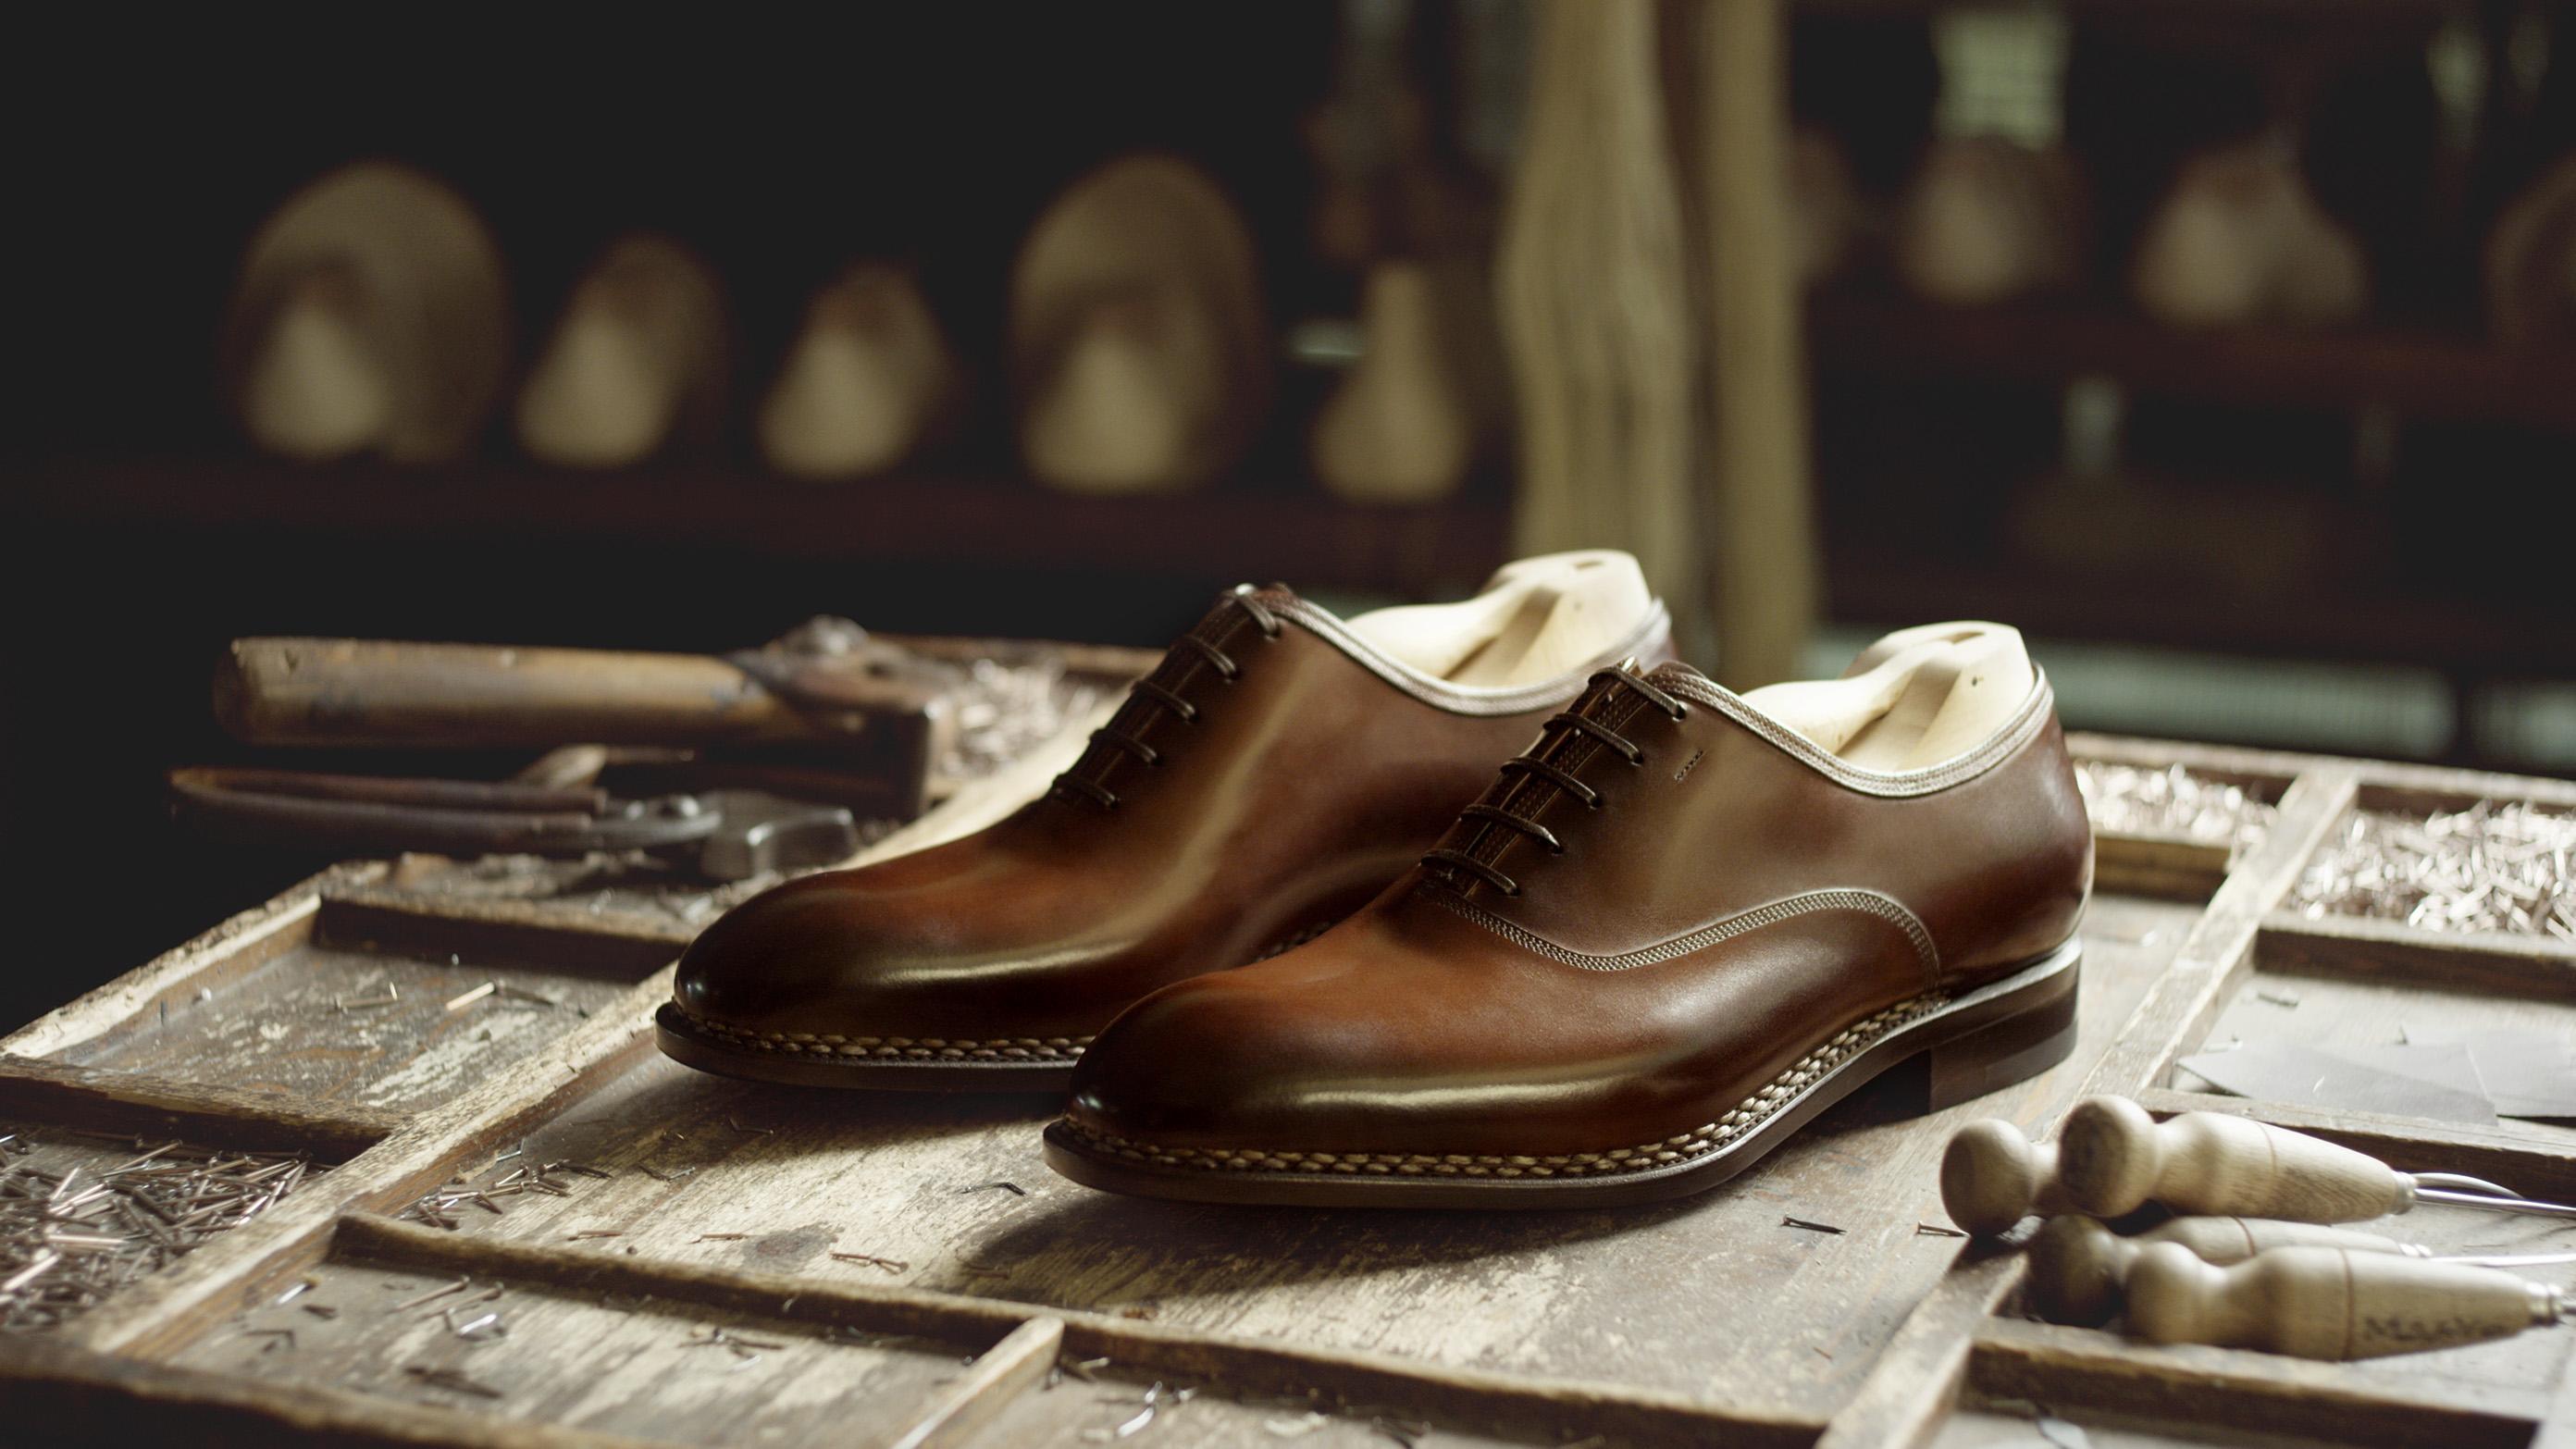 ferragamo shoes discount online